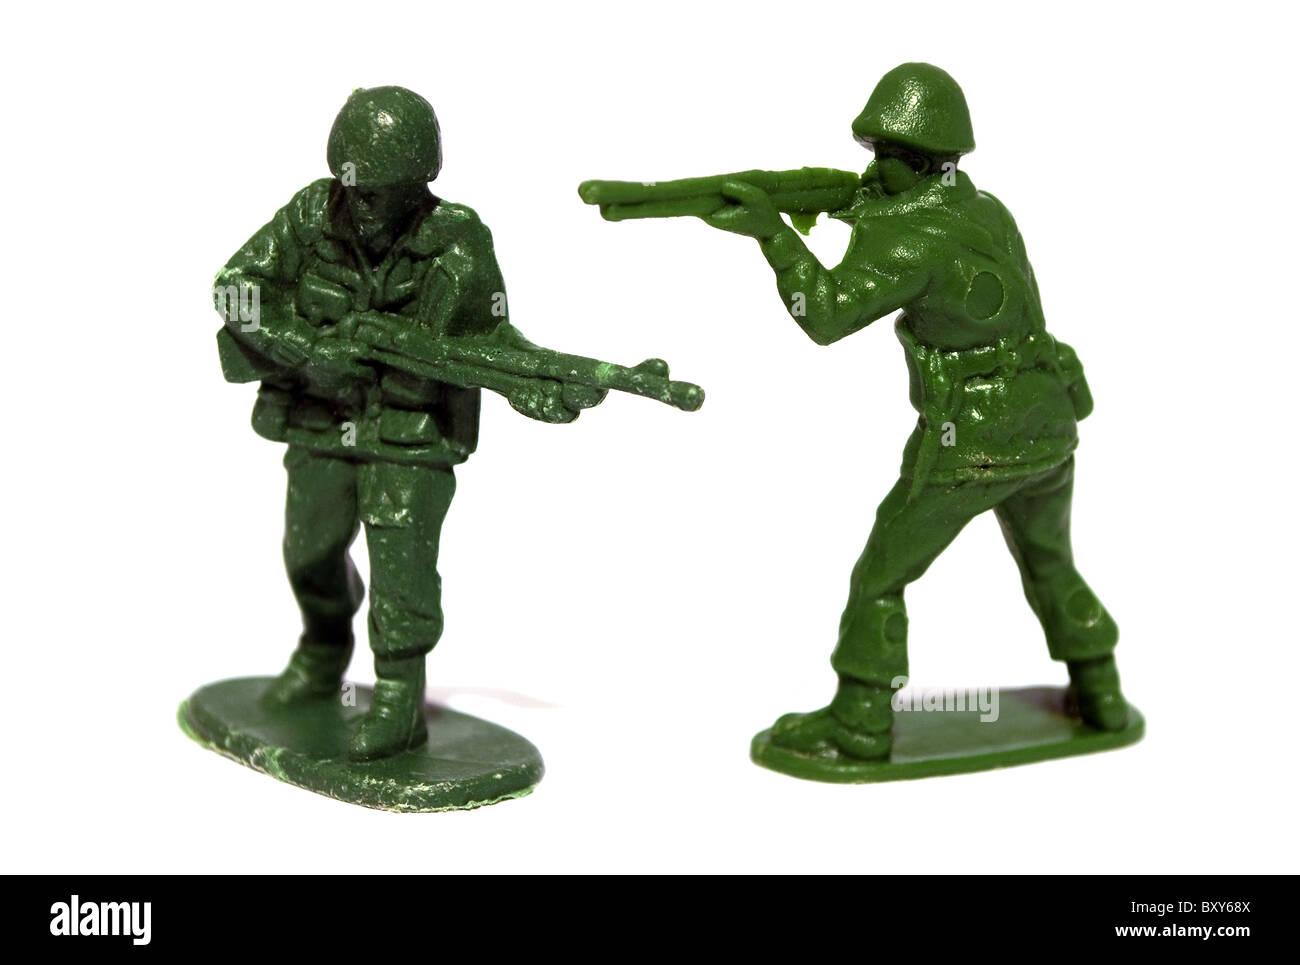 zwei Kunststoff-Spielzeug-Soldaten auf einem weißen Hintergrund Stockbild